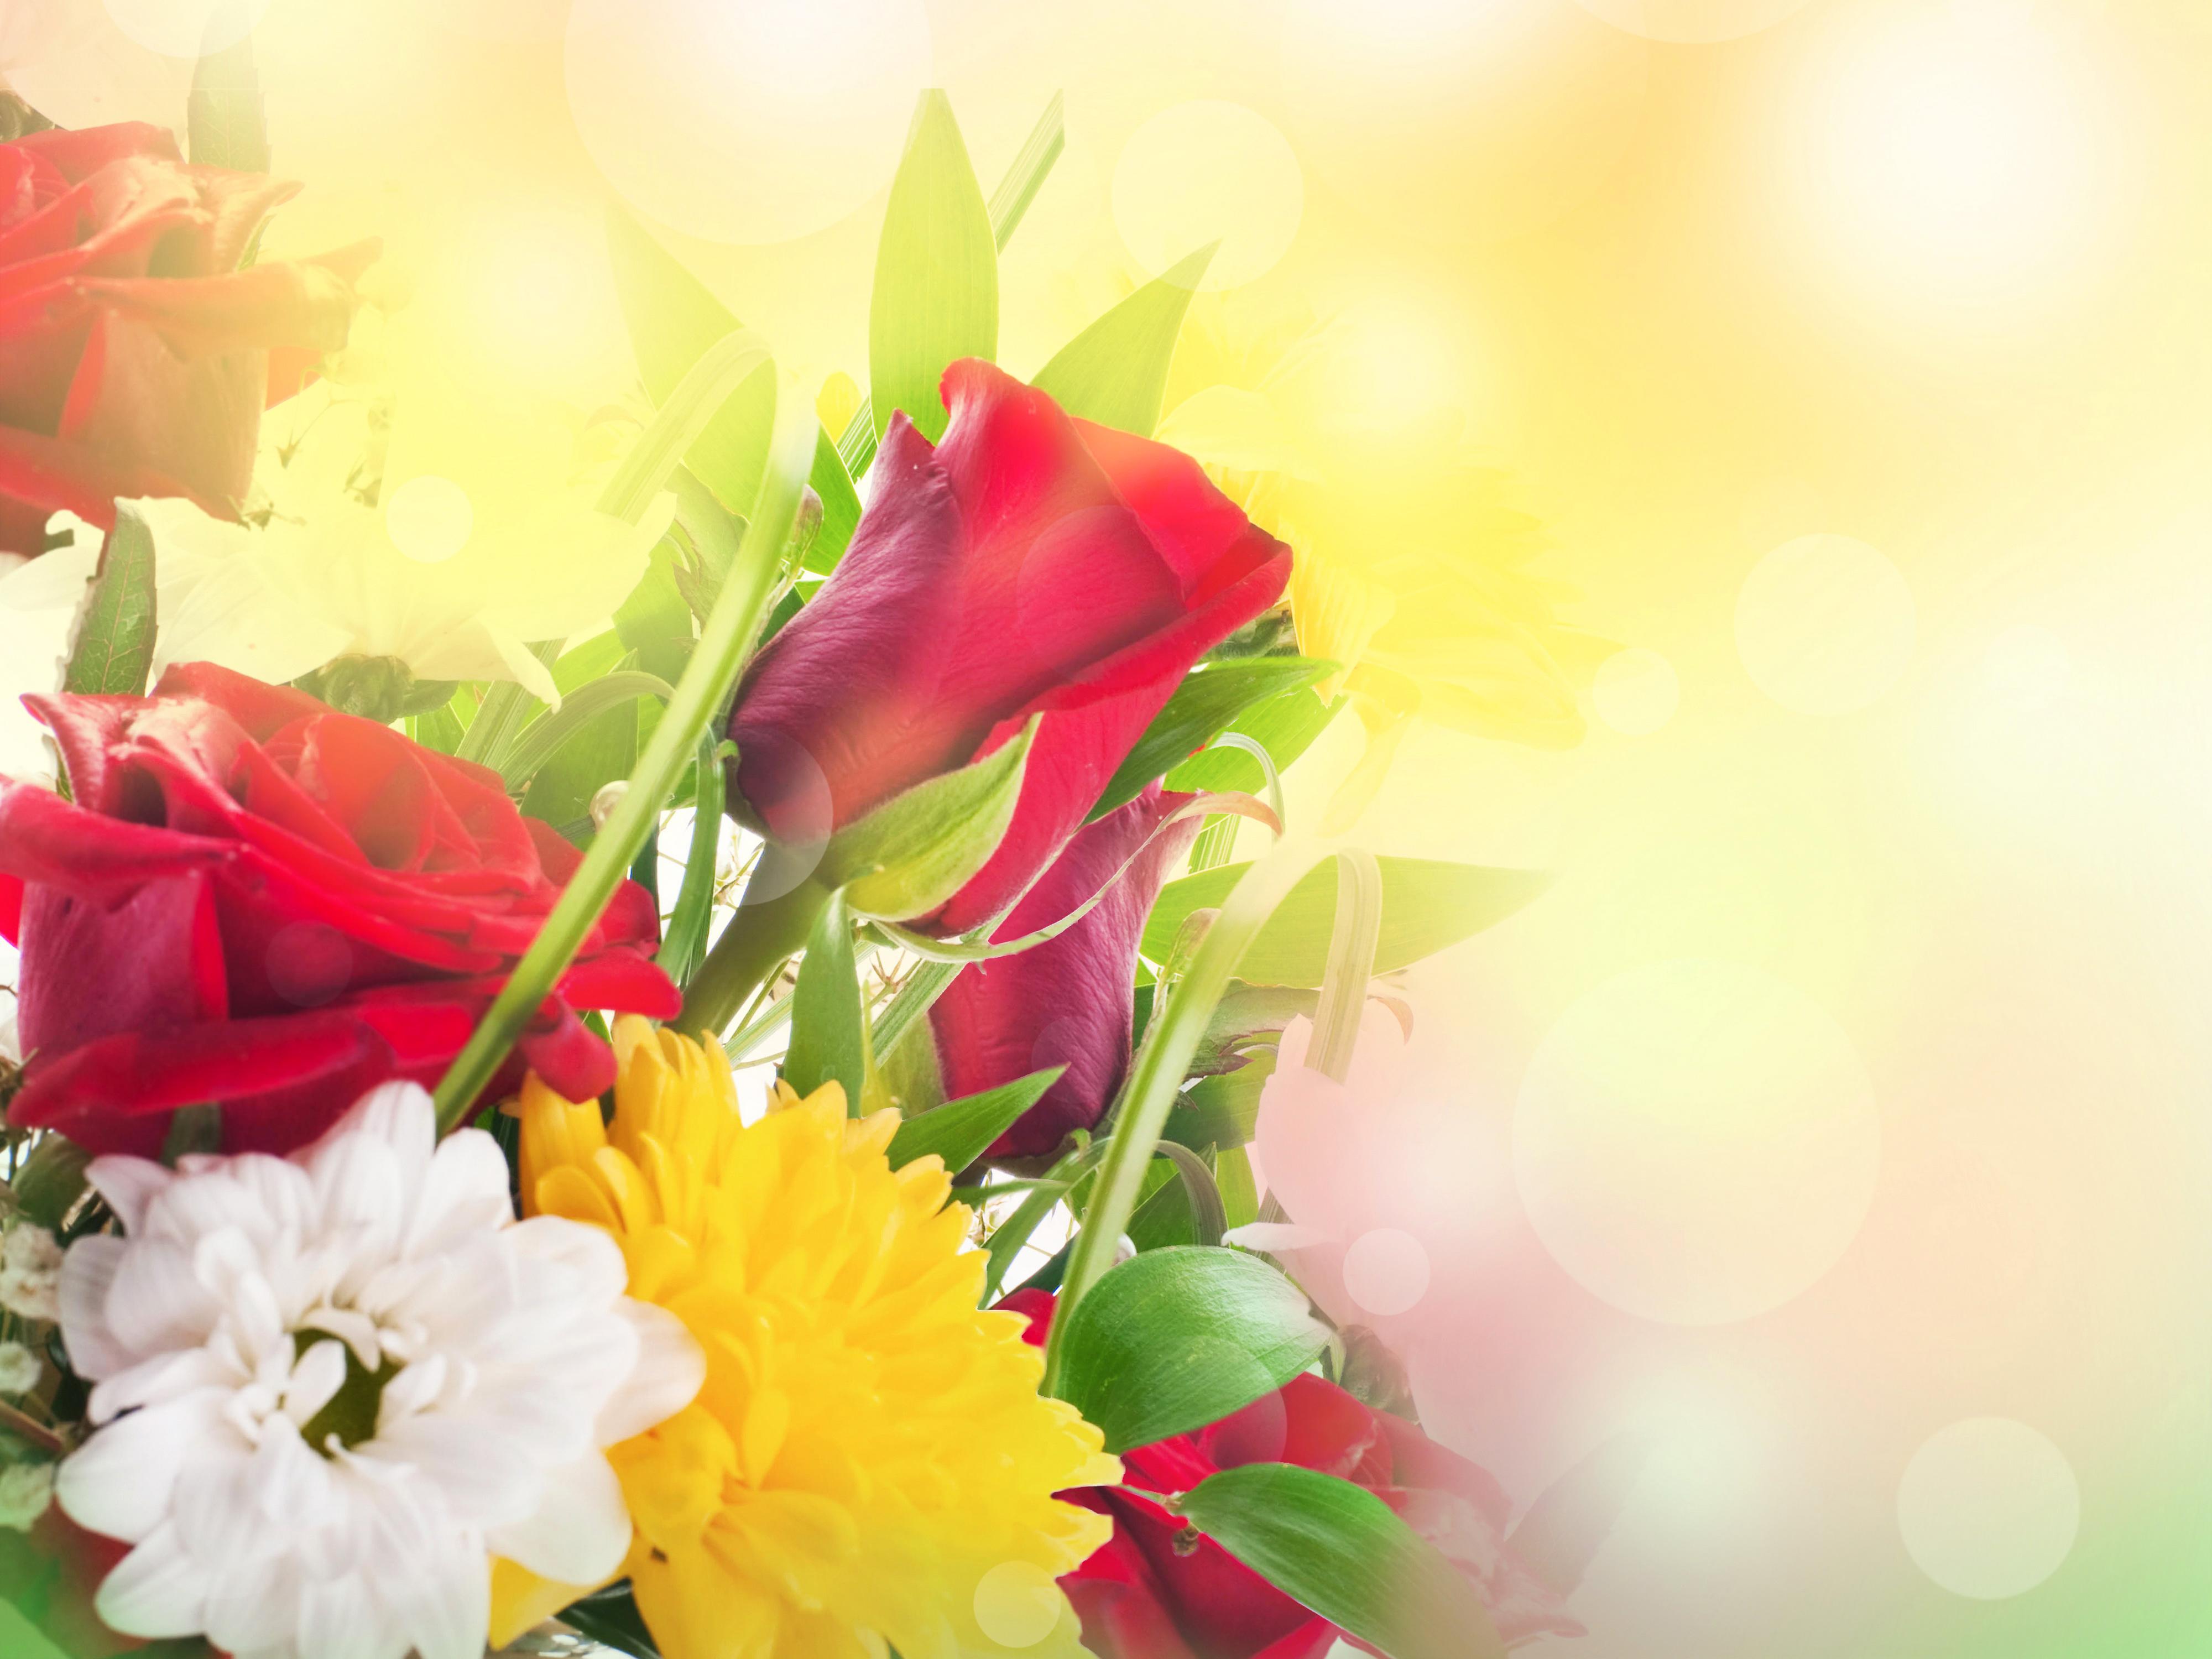 Картинки фон с цветами для поздравления